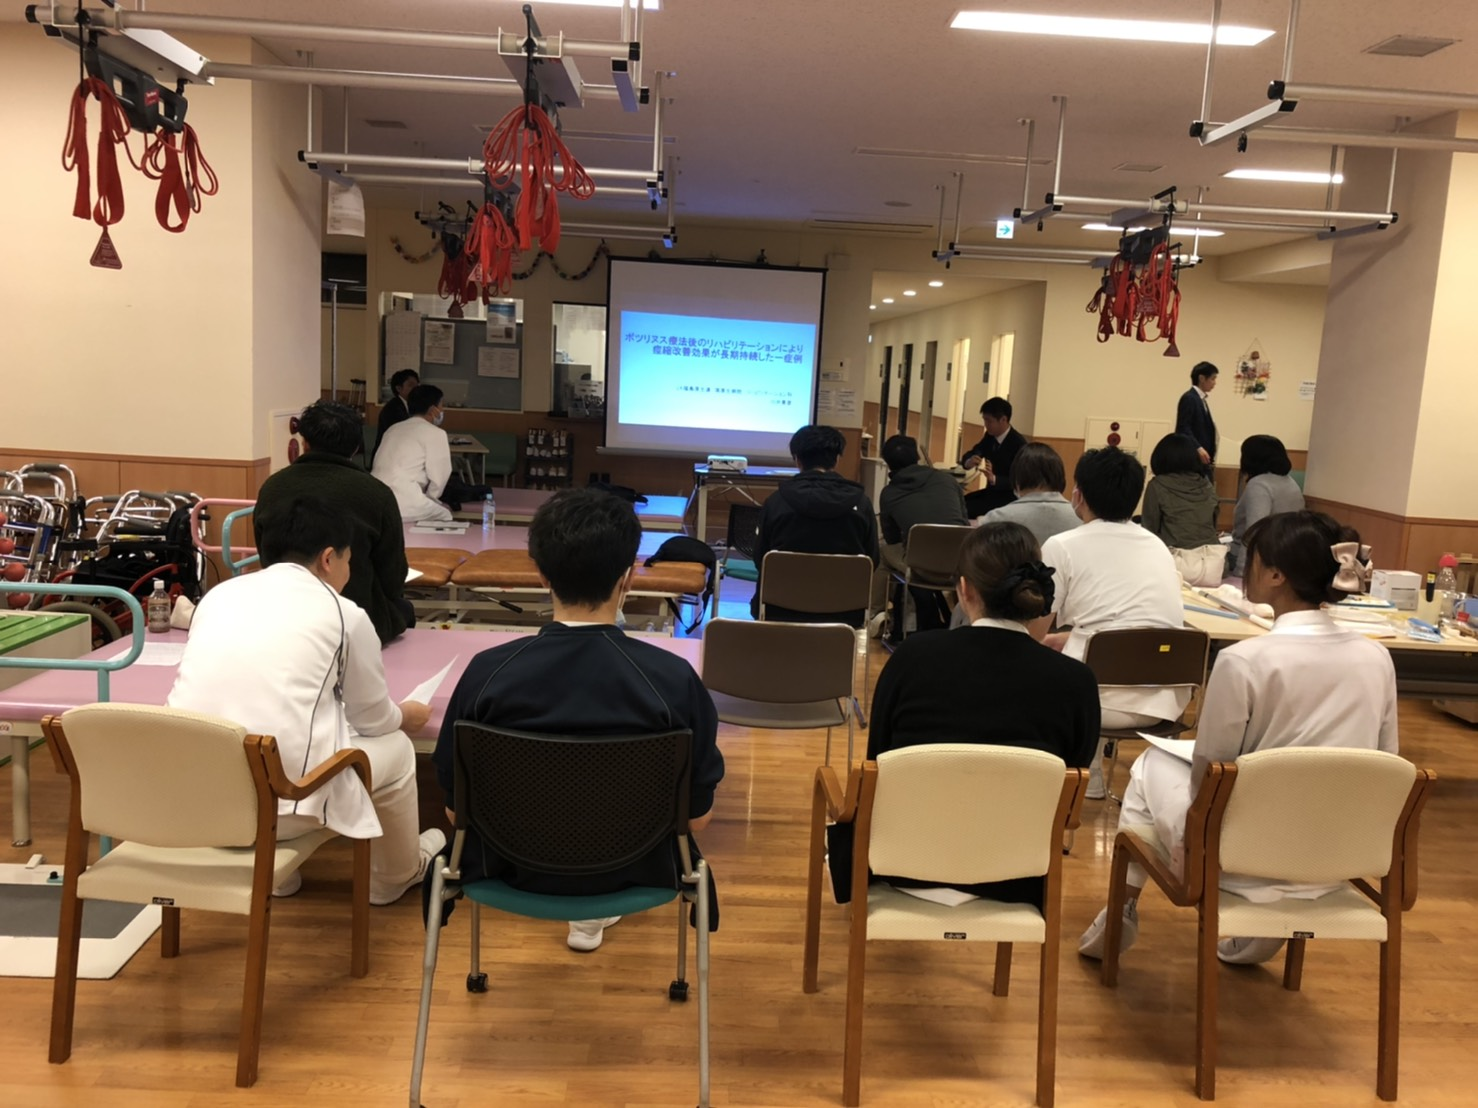 第1回県南支部症例検討会の開催